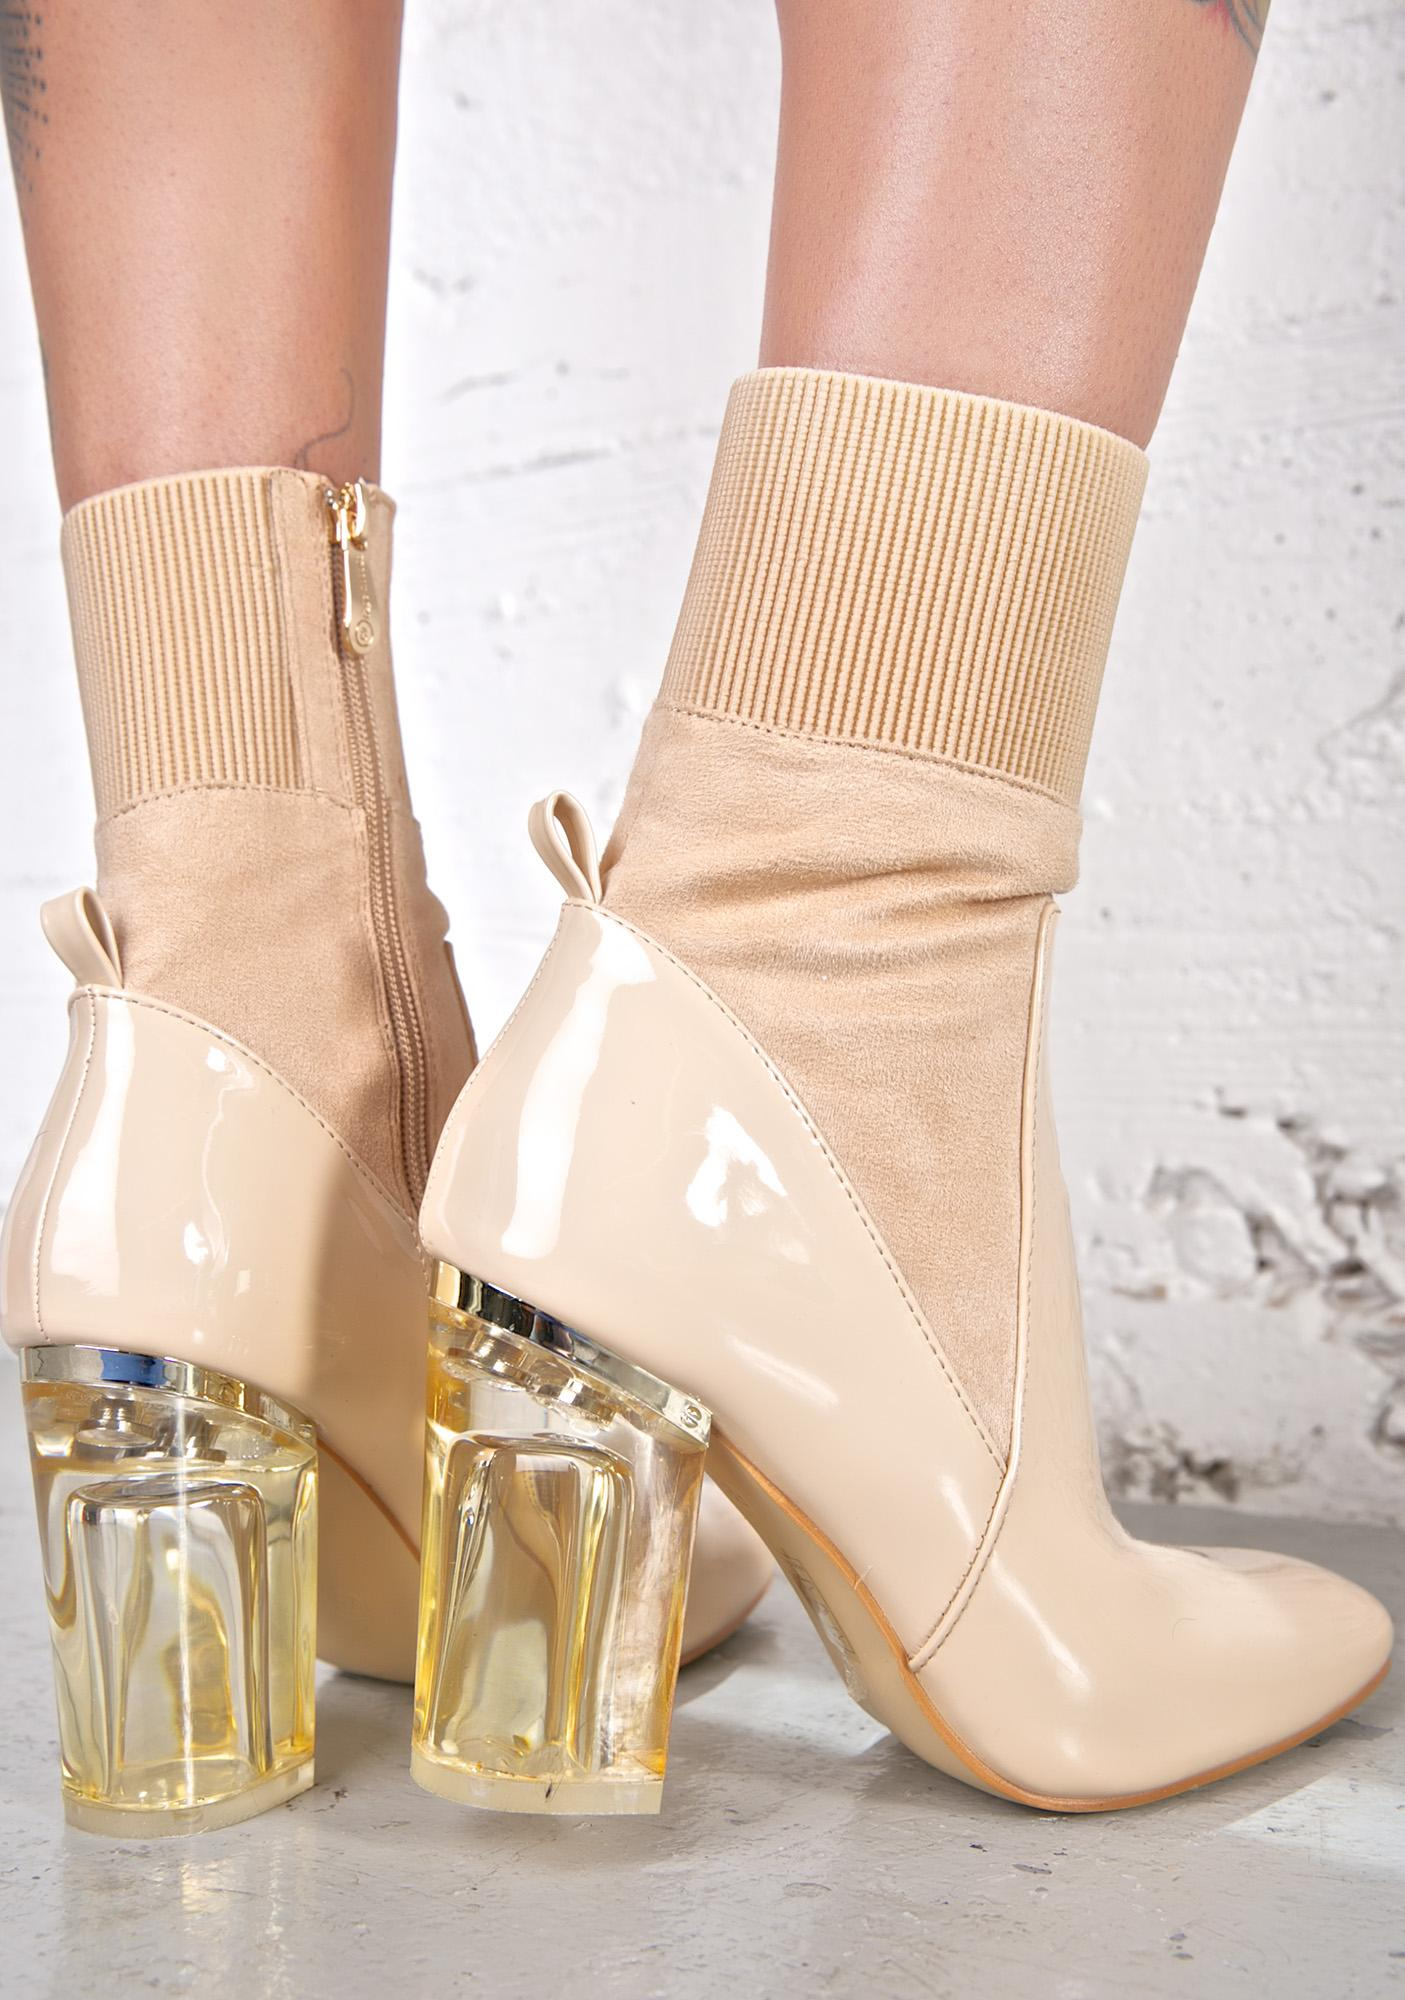 Provocateur Boots